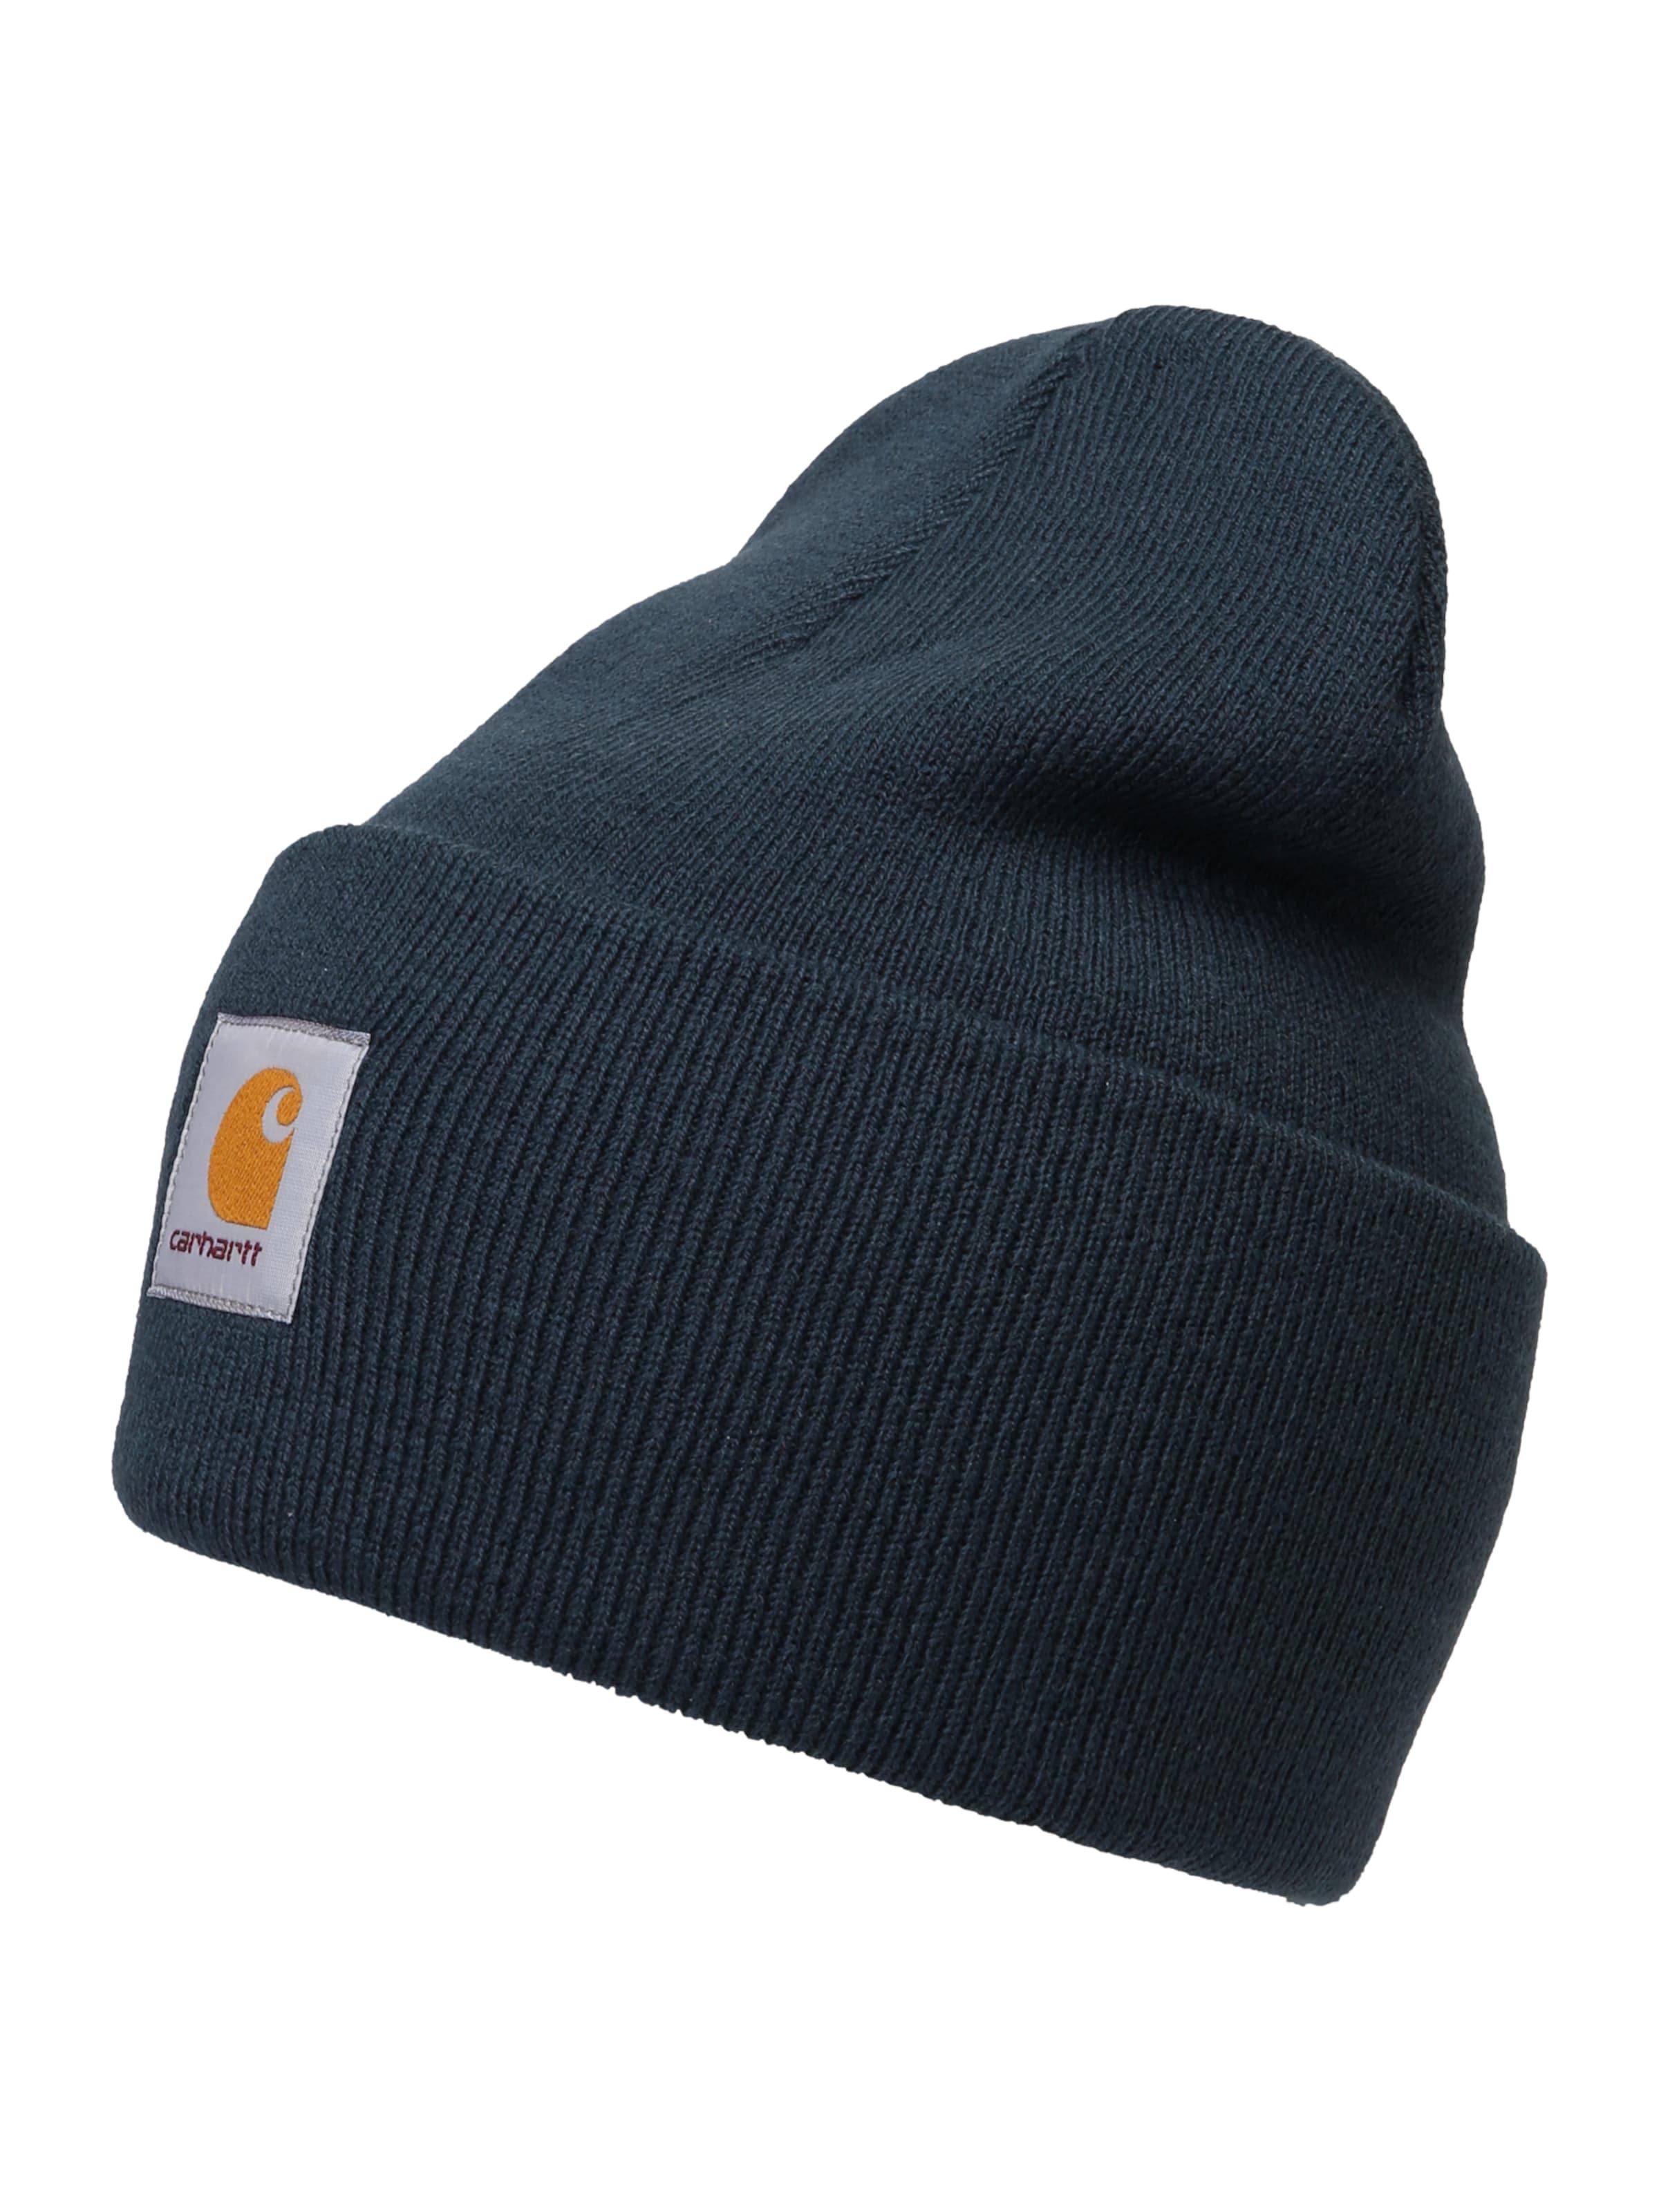 Hat' Wip Carhartt En 'acrylic Bonnet Watch NudeRosé QhdCotsrxB